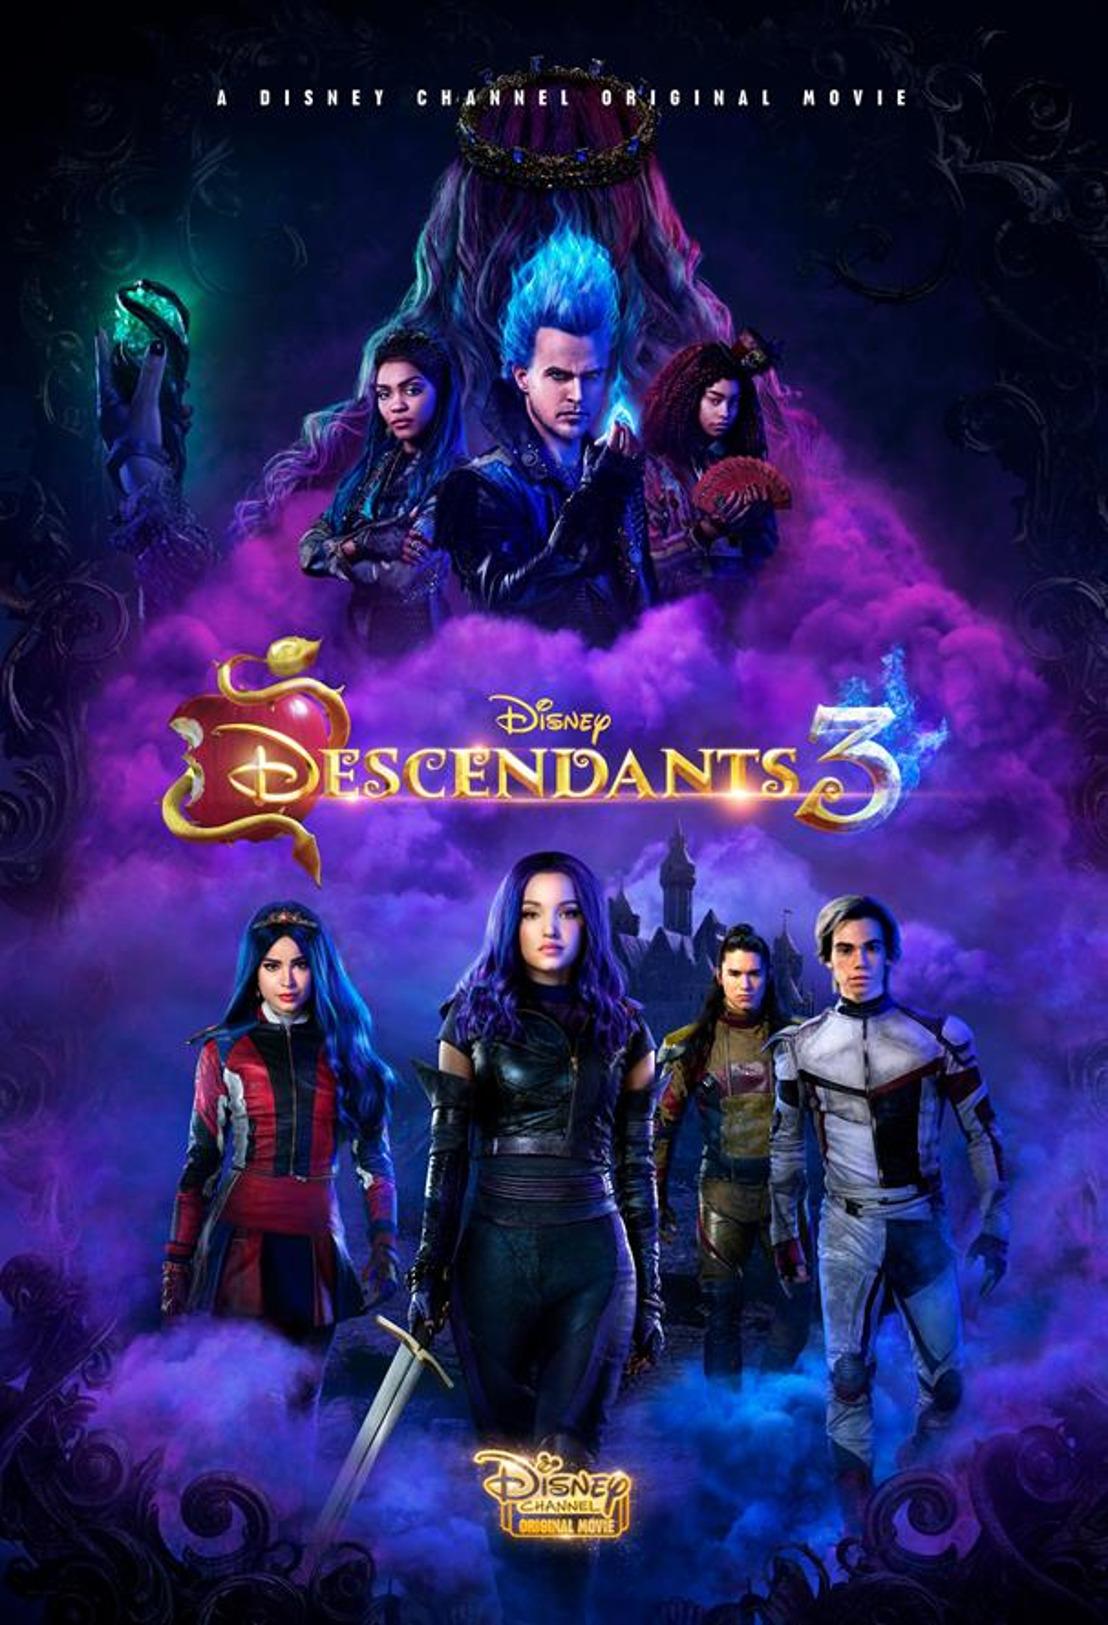 Cet automne, tous les sortilèges doivent être rompus sur Disney Channel...